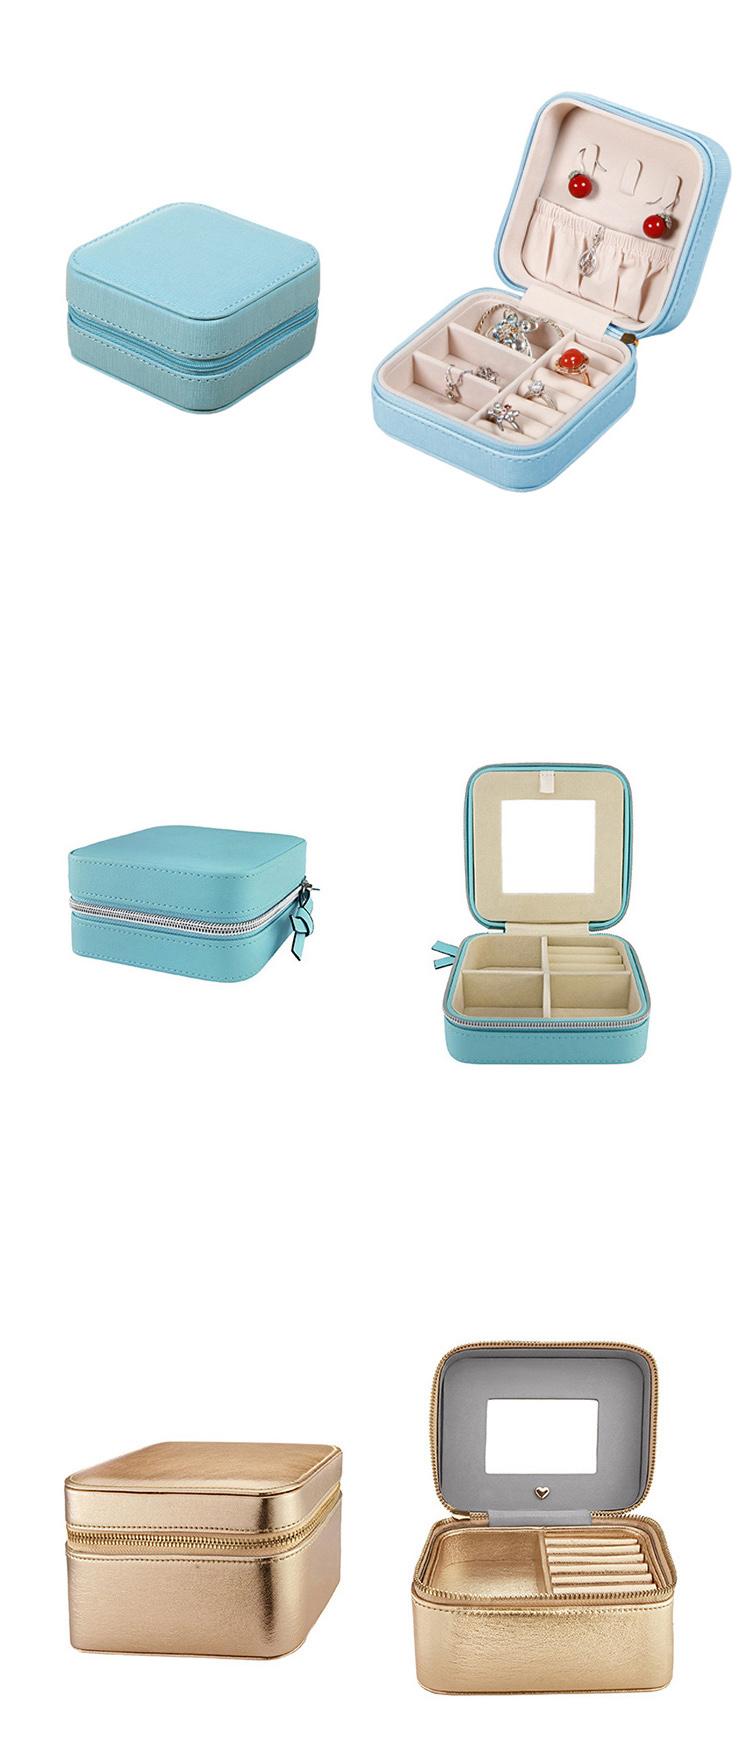 OEM Zipper Mirror Gift Jewelry Box Organizer Storage with Custom Logo for Travel